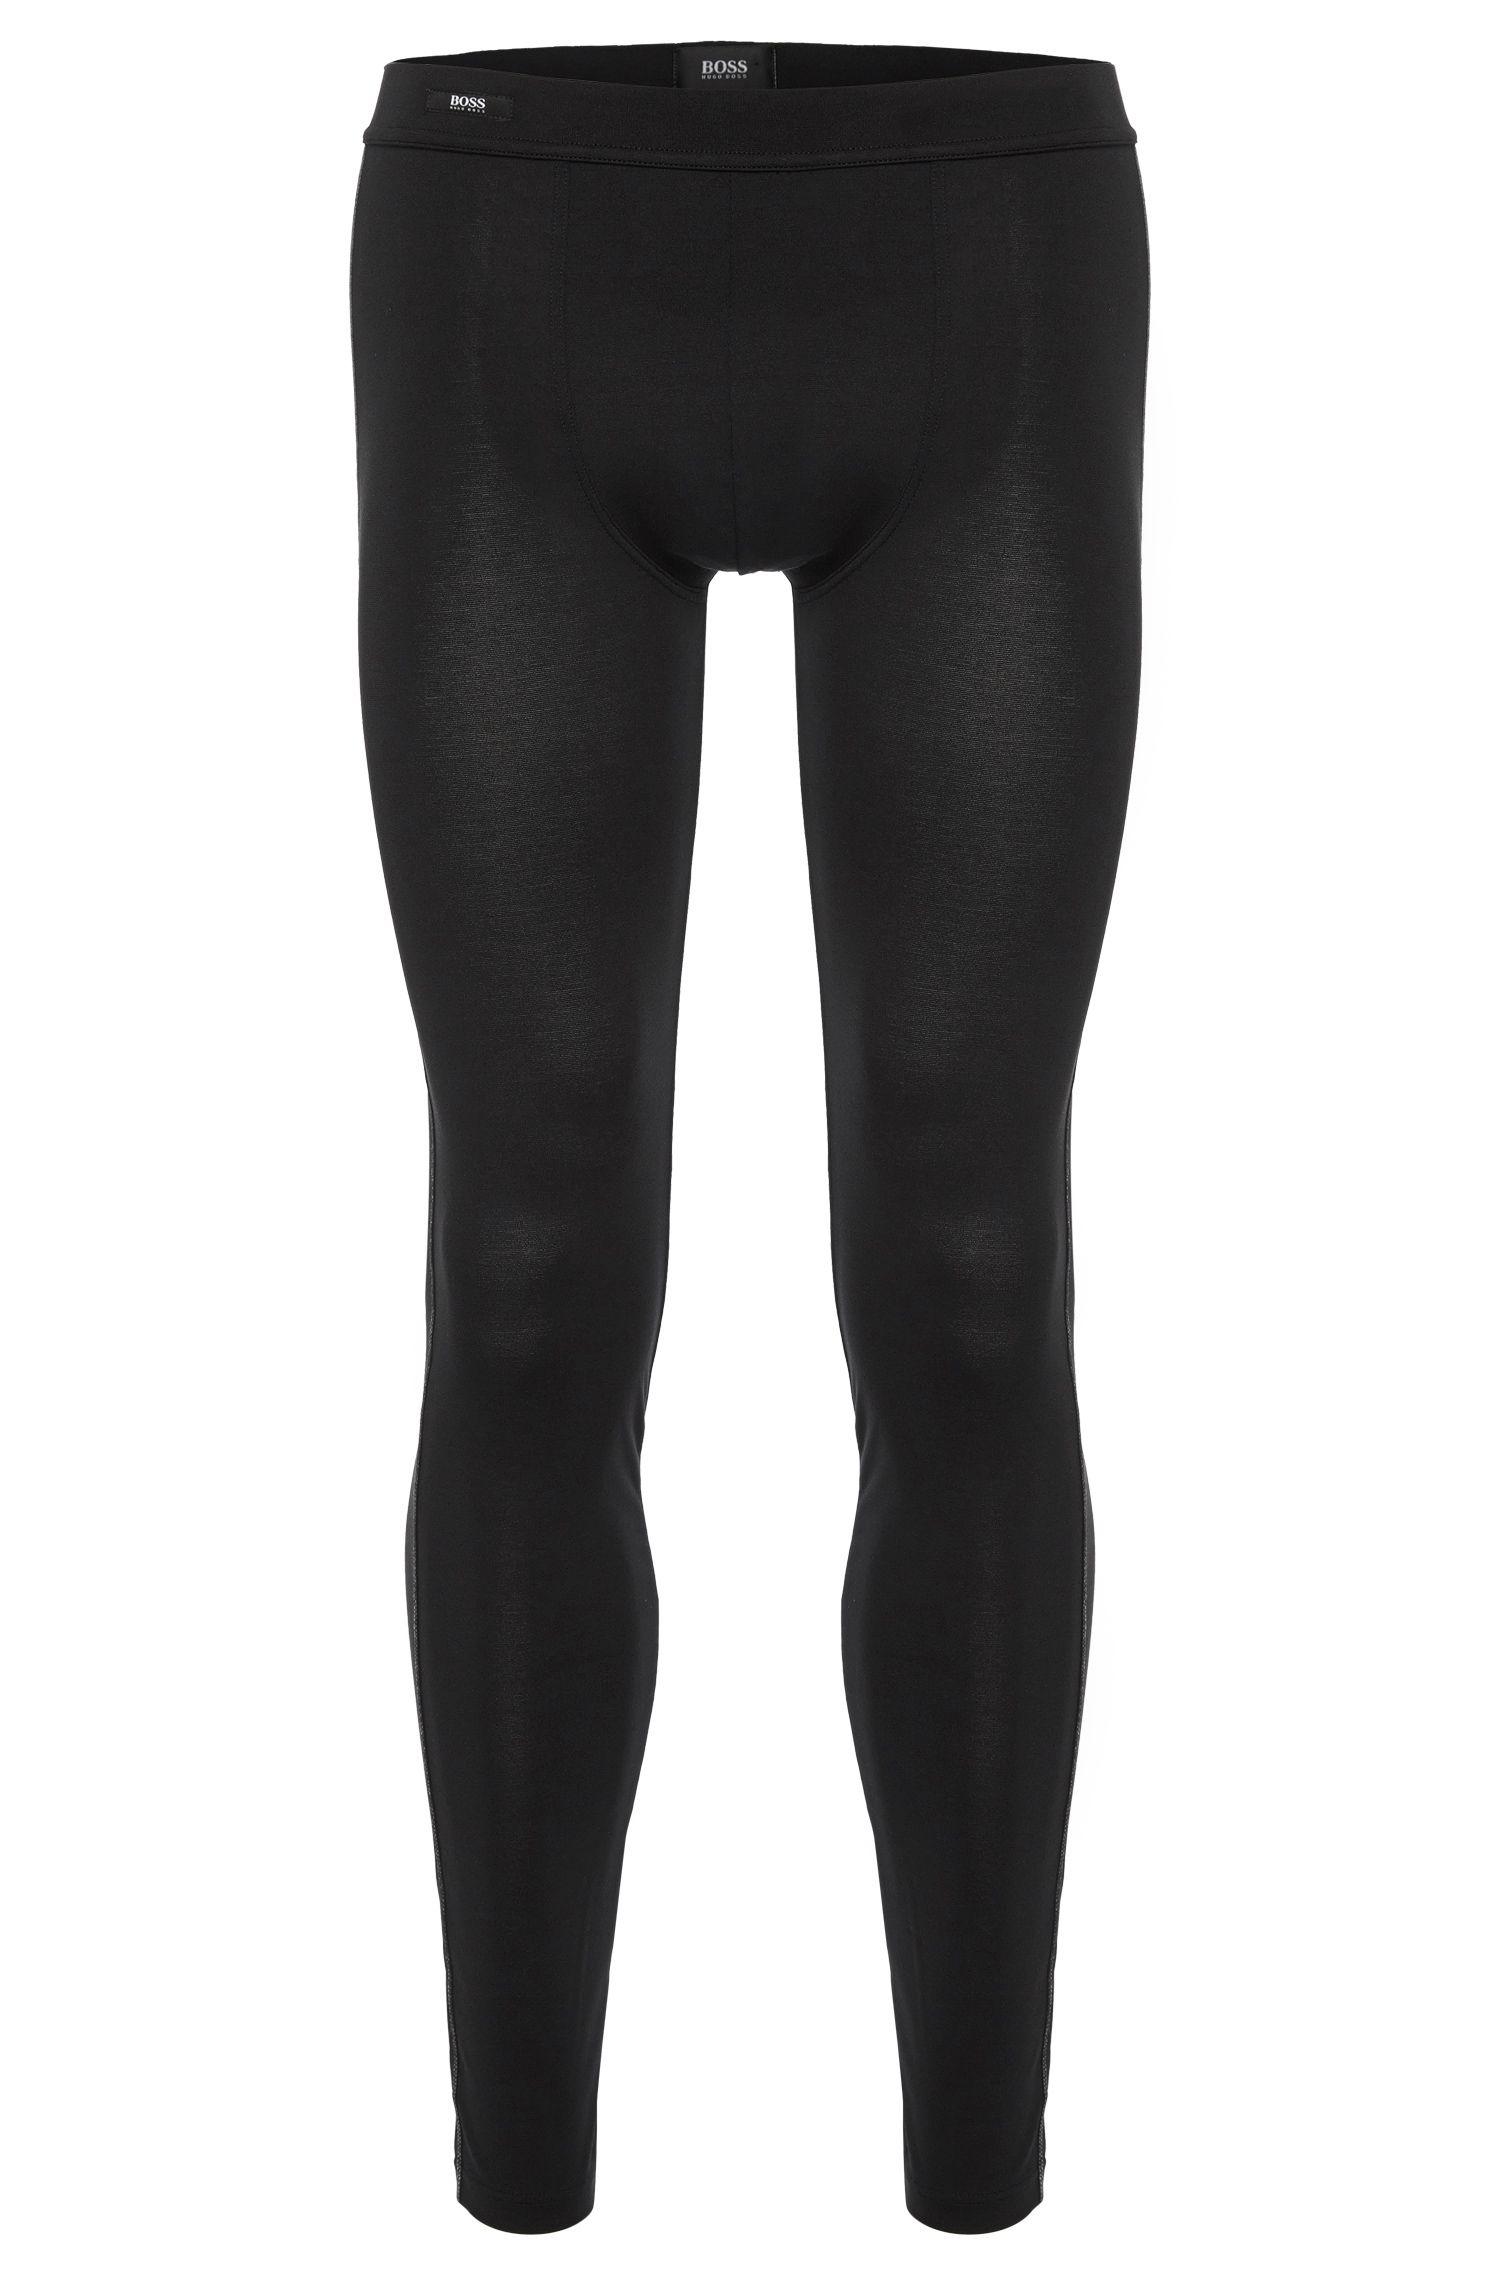 'Long John CW Cotton'   Stretch Cotton Blend Long Underwear